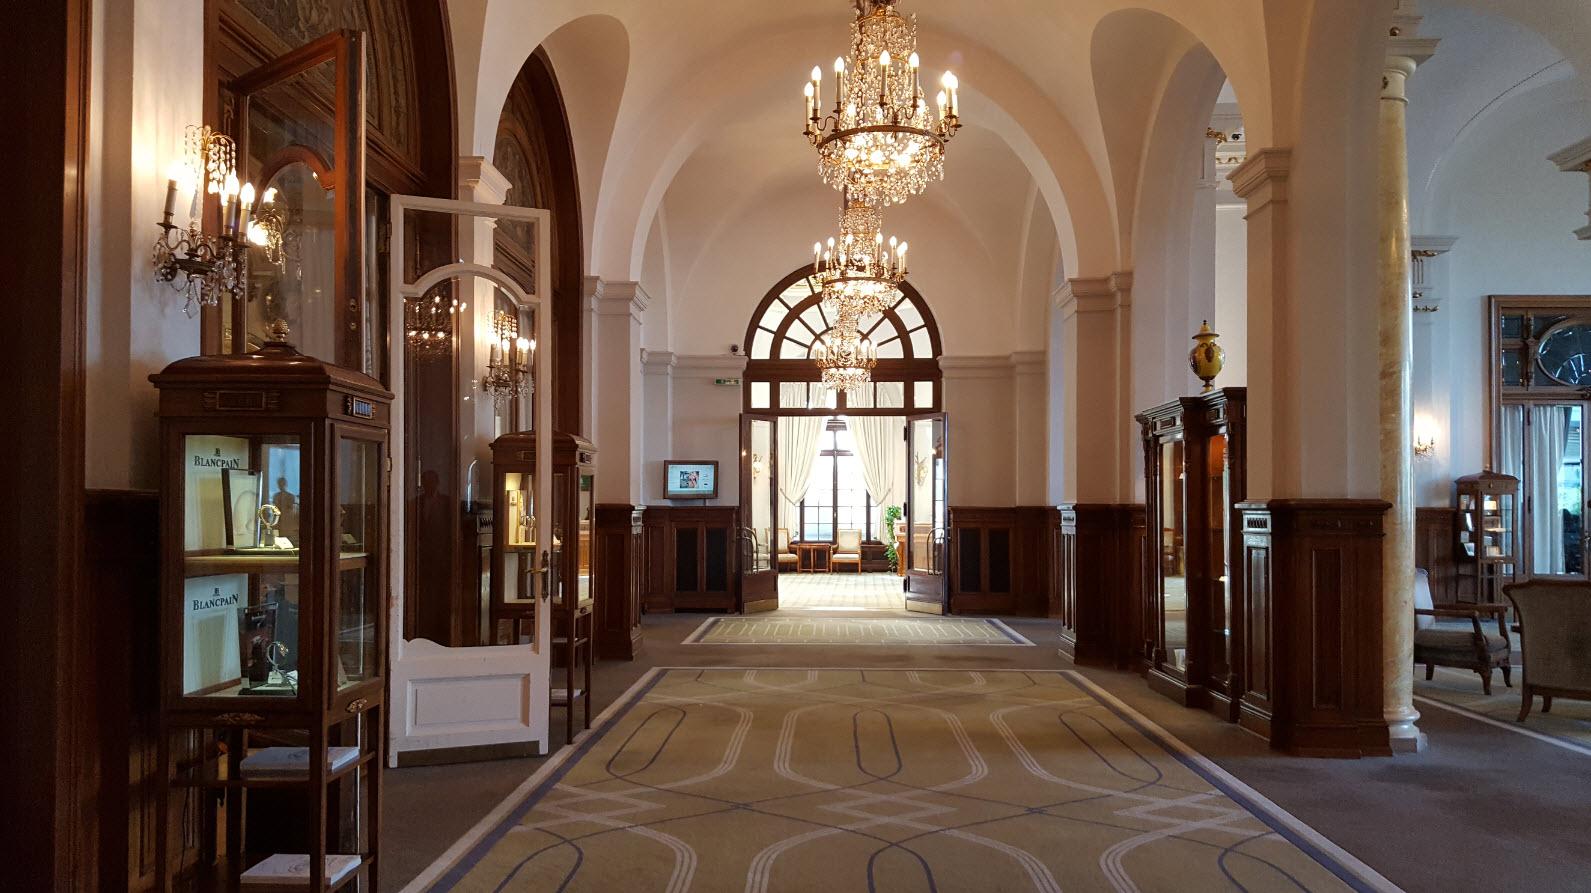 Couloir a la decoration historique